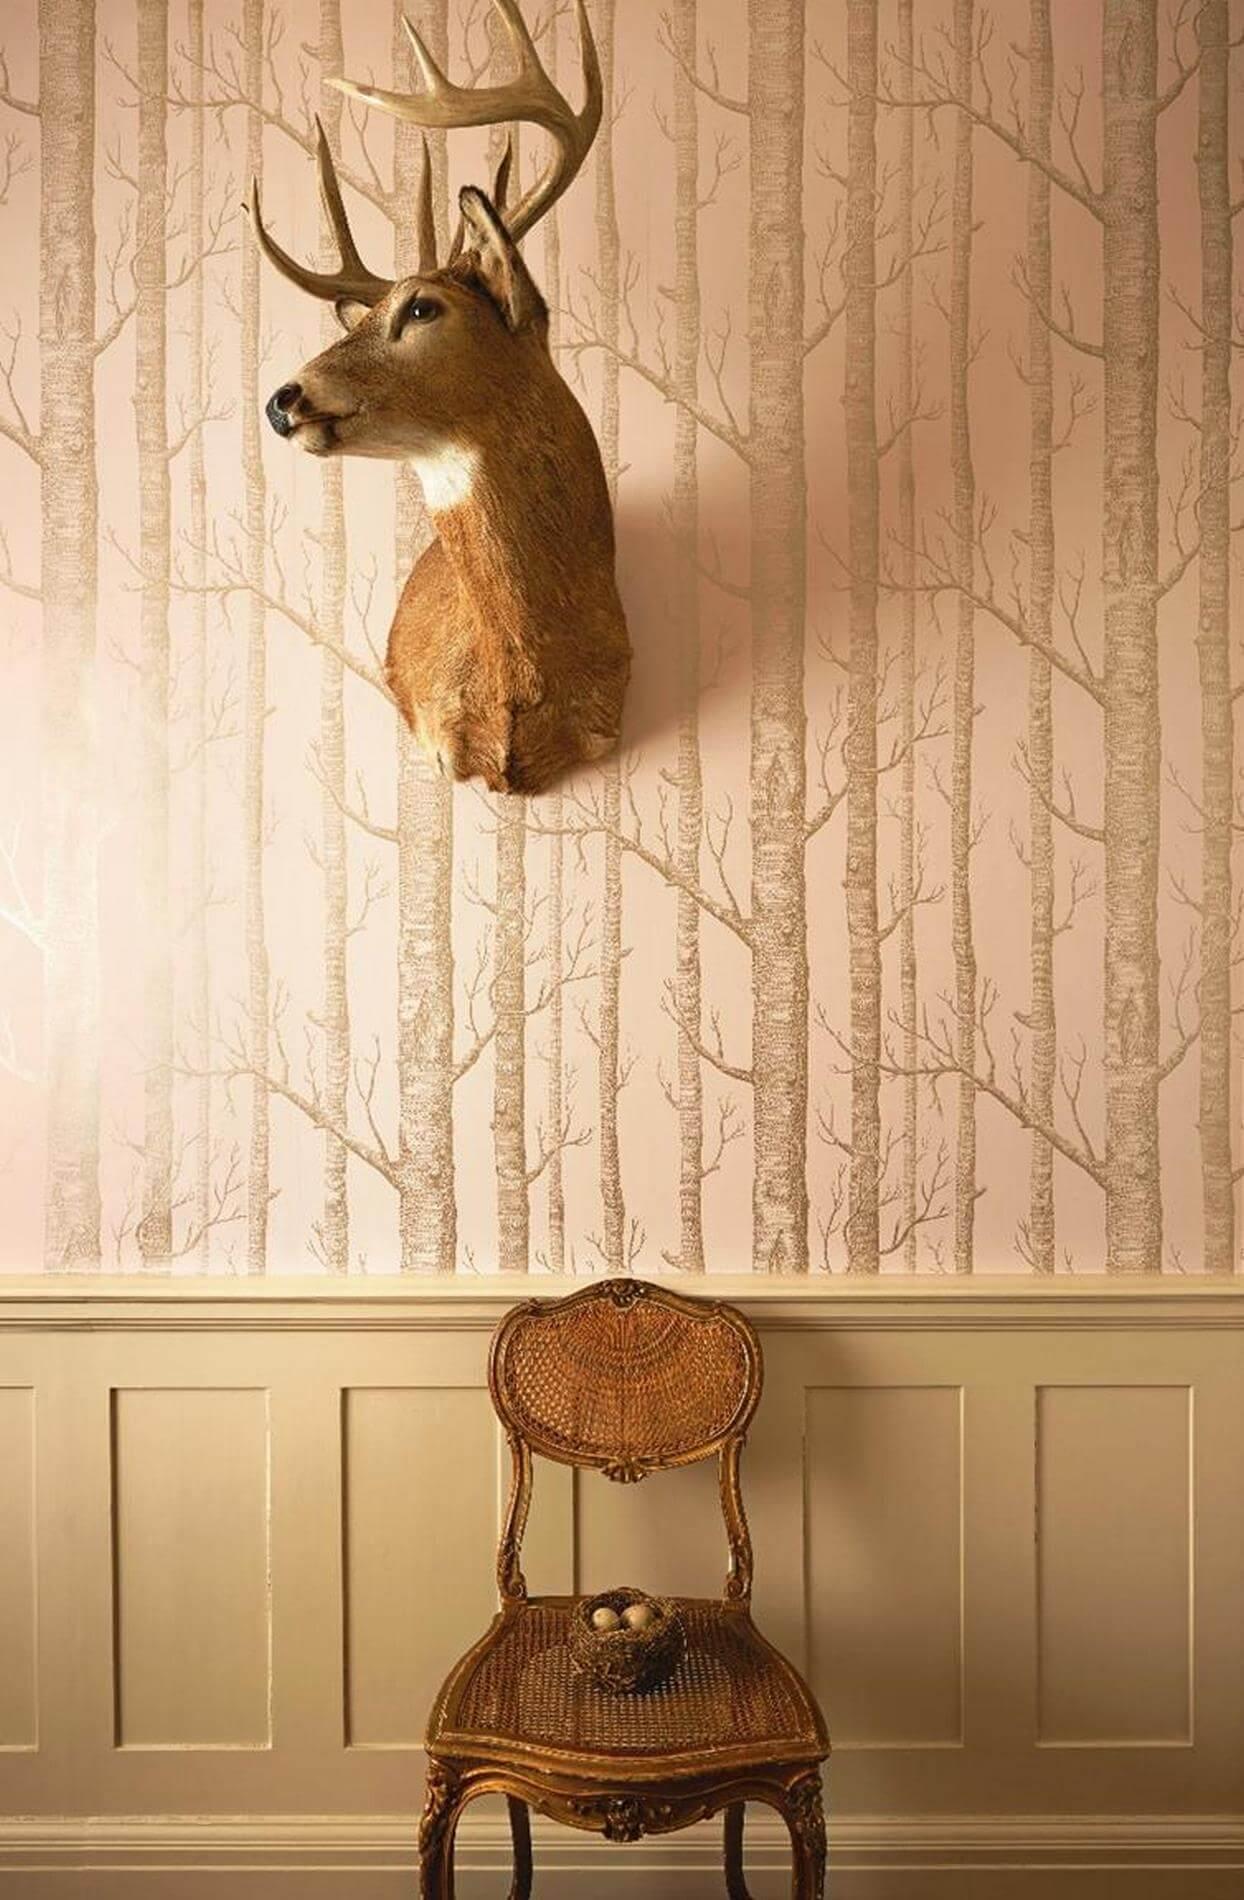 tapeta w drzewa do skandynawskich wnętrz aranżacje Cole & Son 103/5024 Woods Whimsical